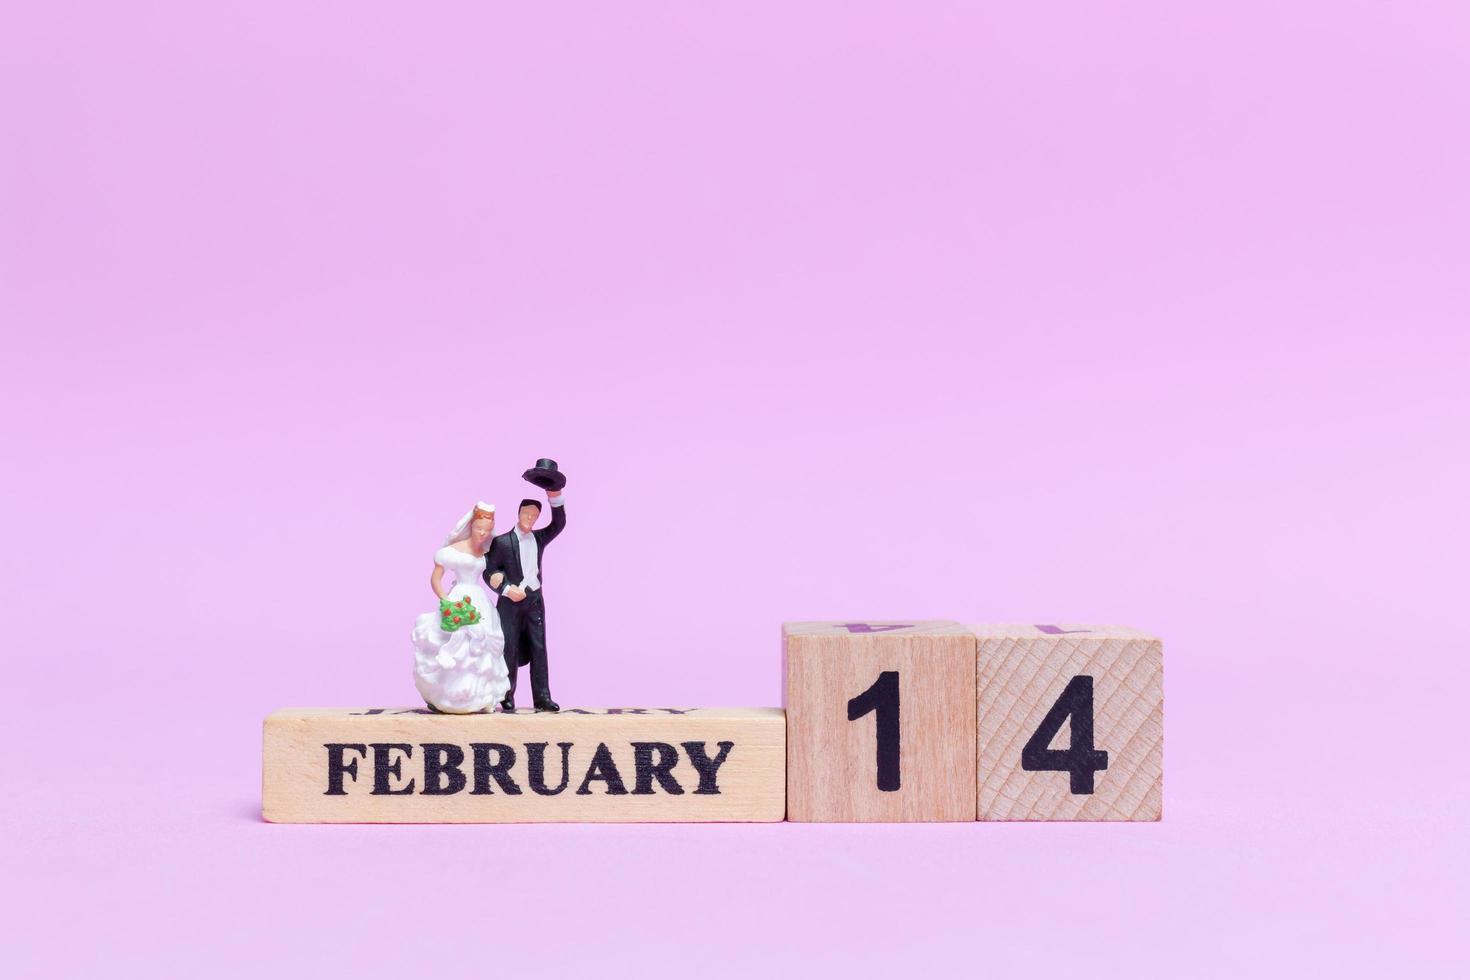 miniatuur bruid en bruidegom op een roze achtergrond, Valentijnsdag en huwelijksconcept foto